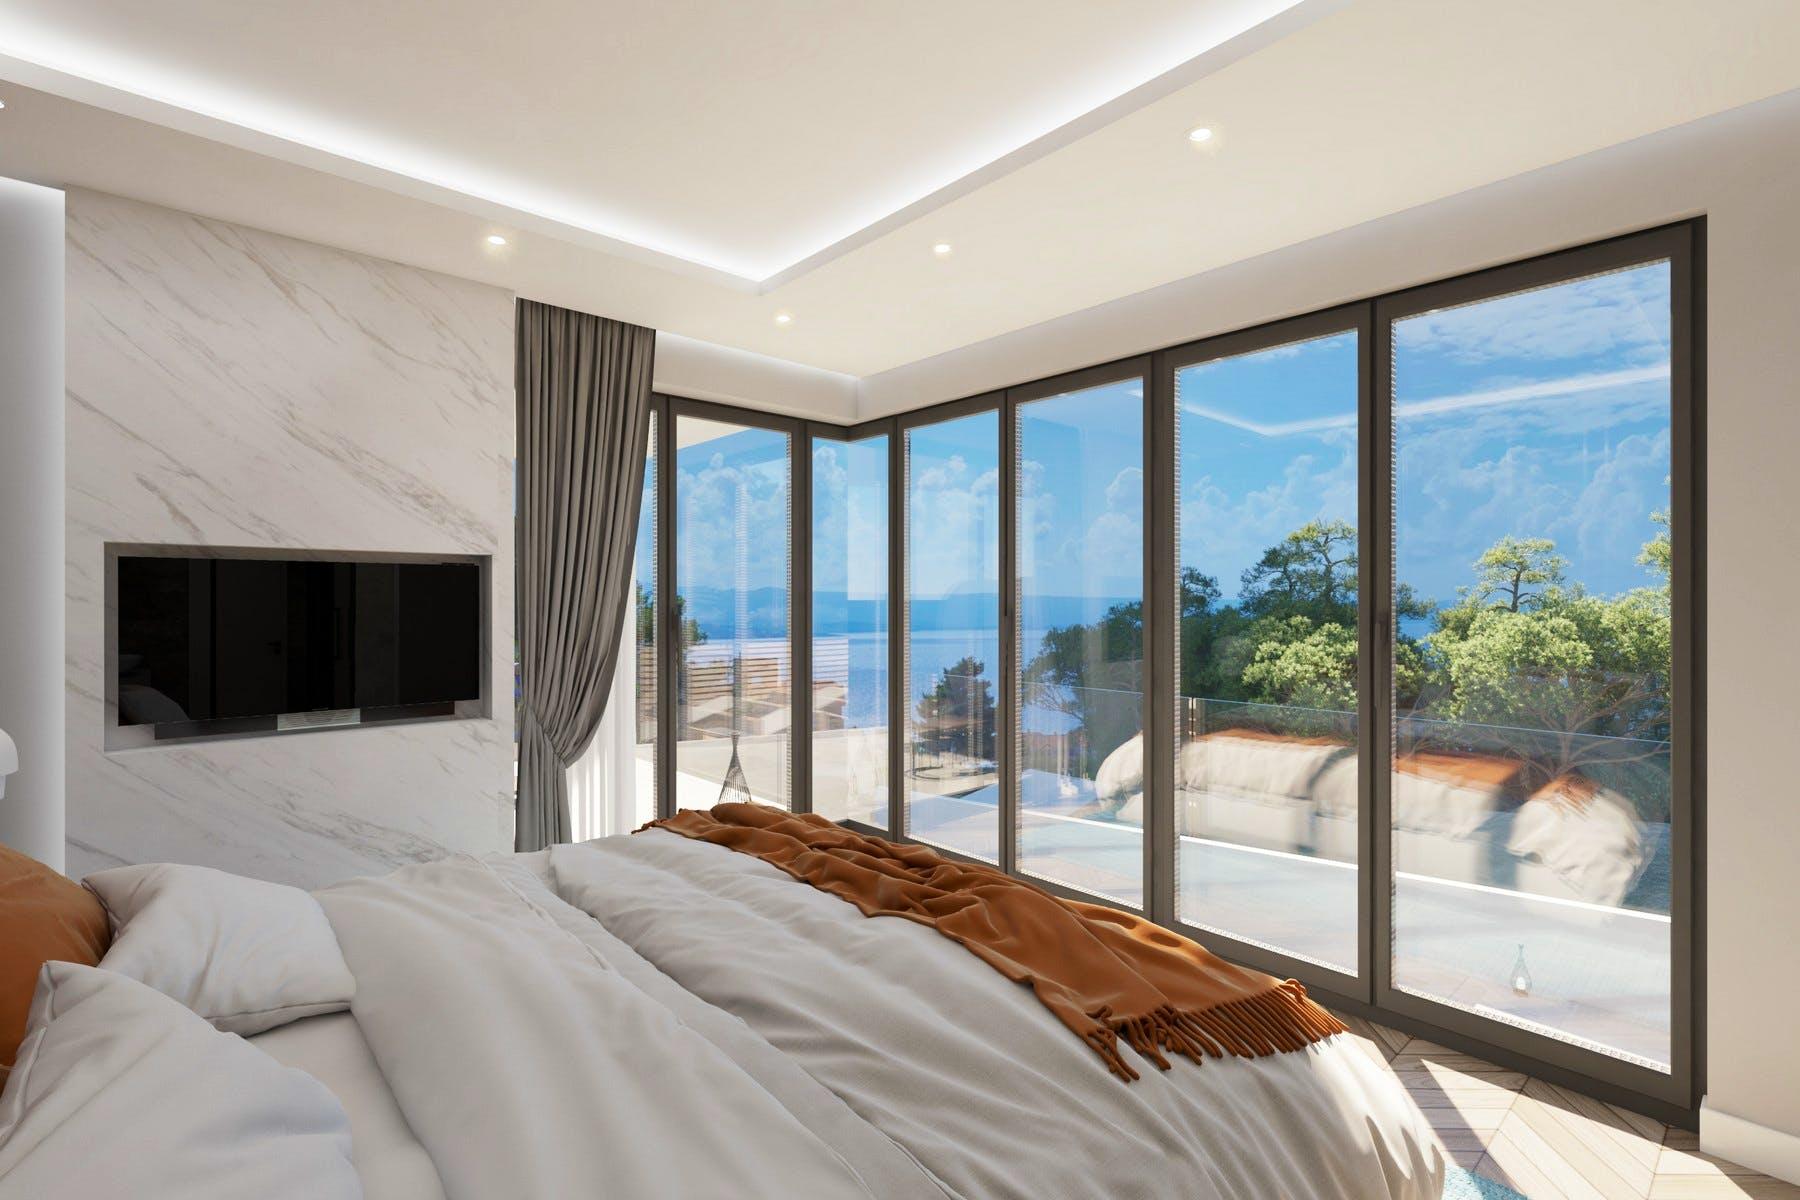 Slikoviti pogled na more iz spavaće sobe